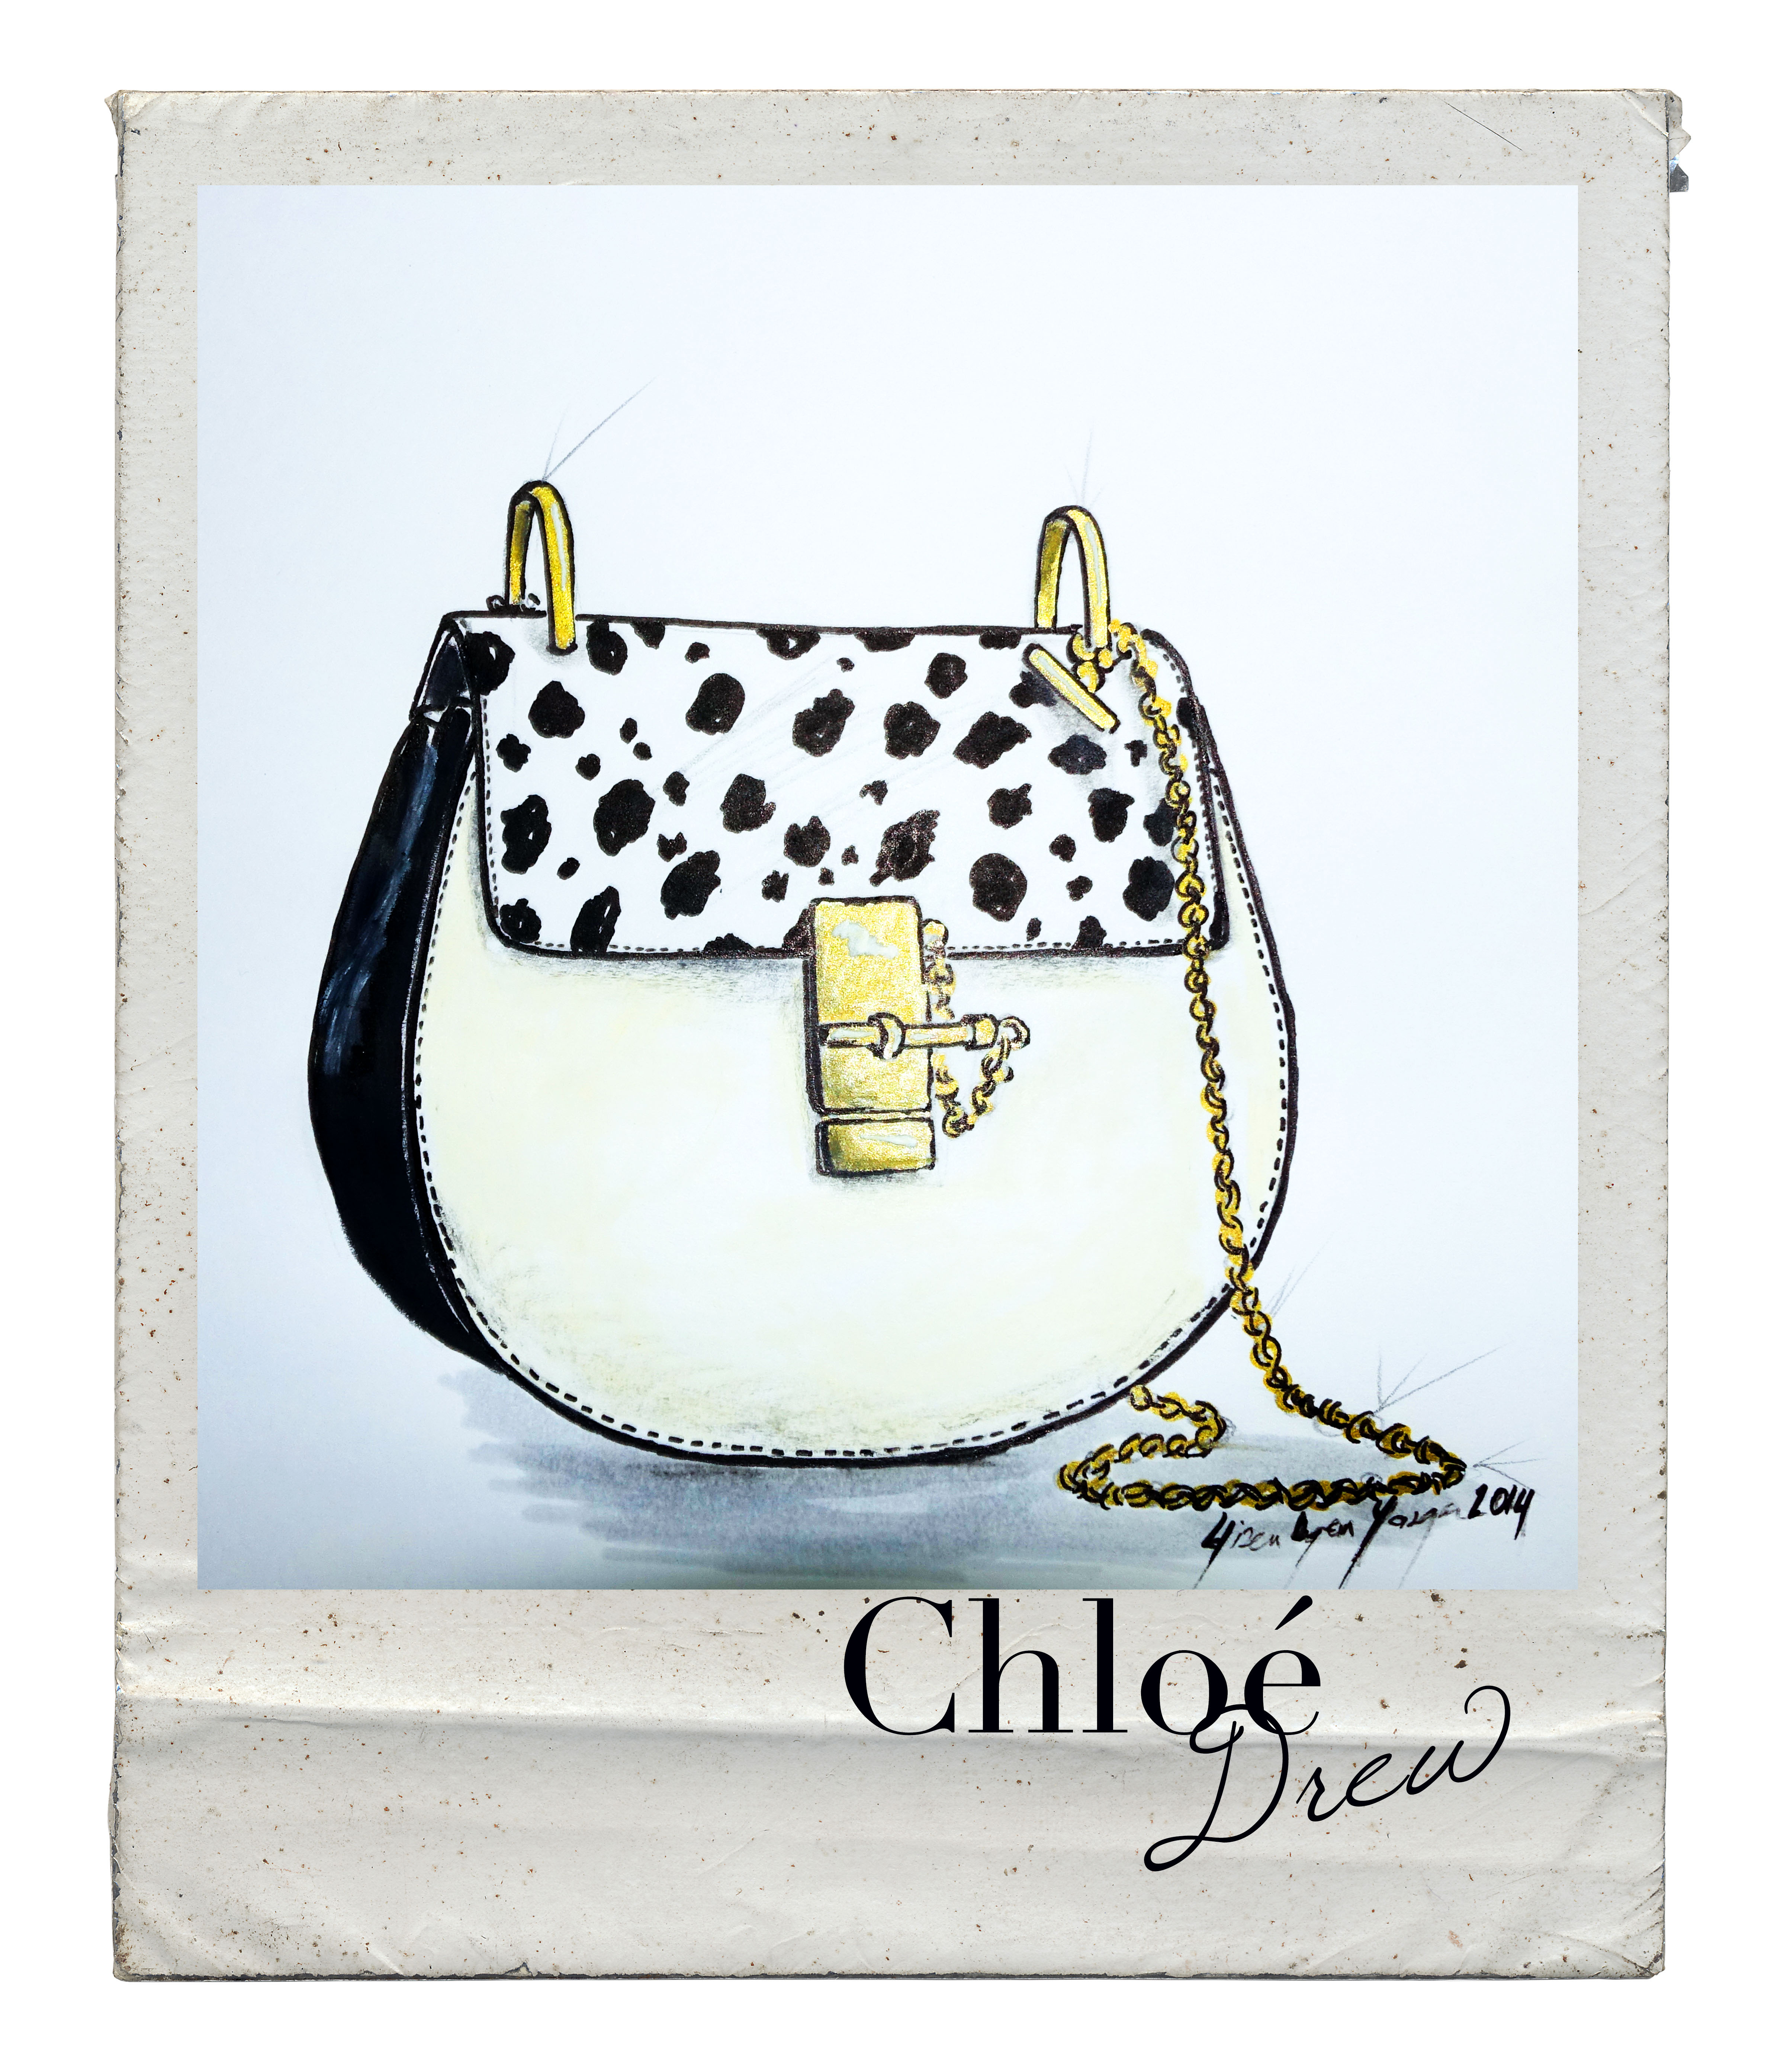 Chloe-Drew-SketchStyle.jpg